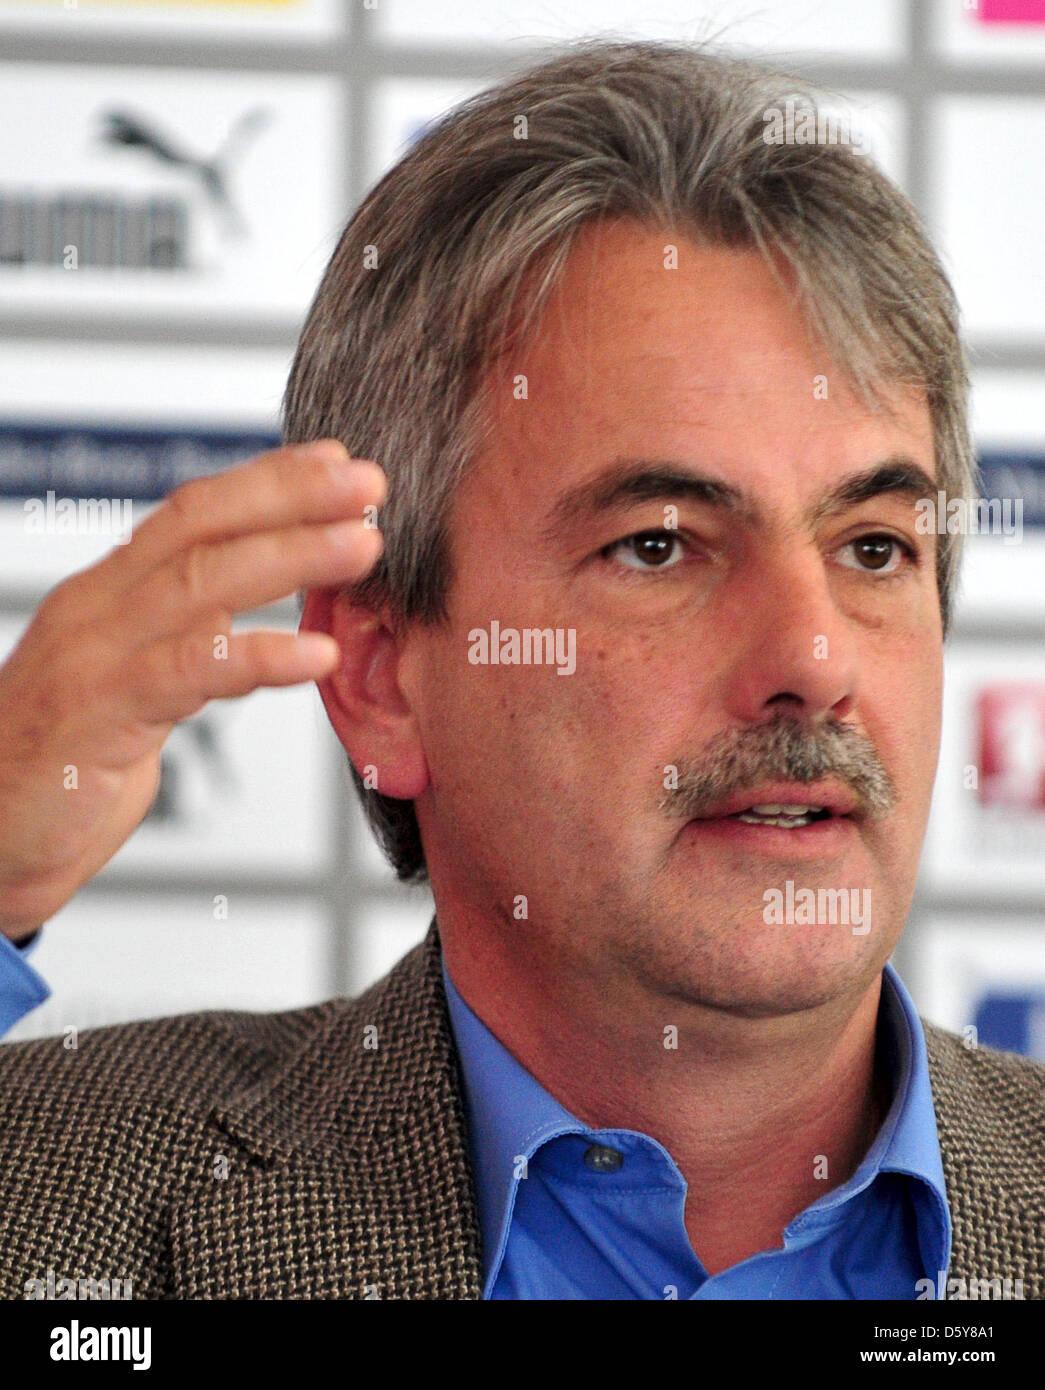 President of Bundesliga soccer club VfB Stuttgart, Gerd Maeuser, speaks at a press conference in Stuttgart, Germany, - Stock Image